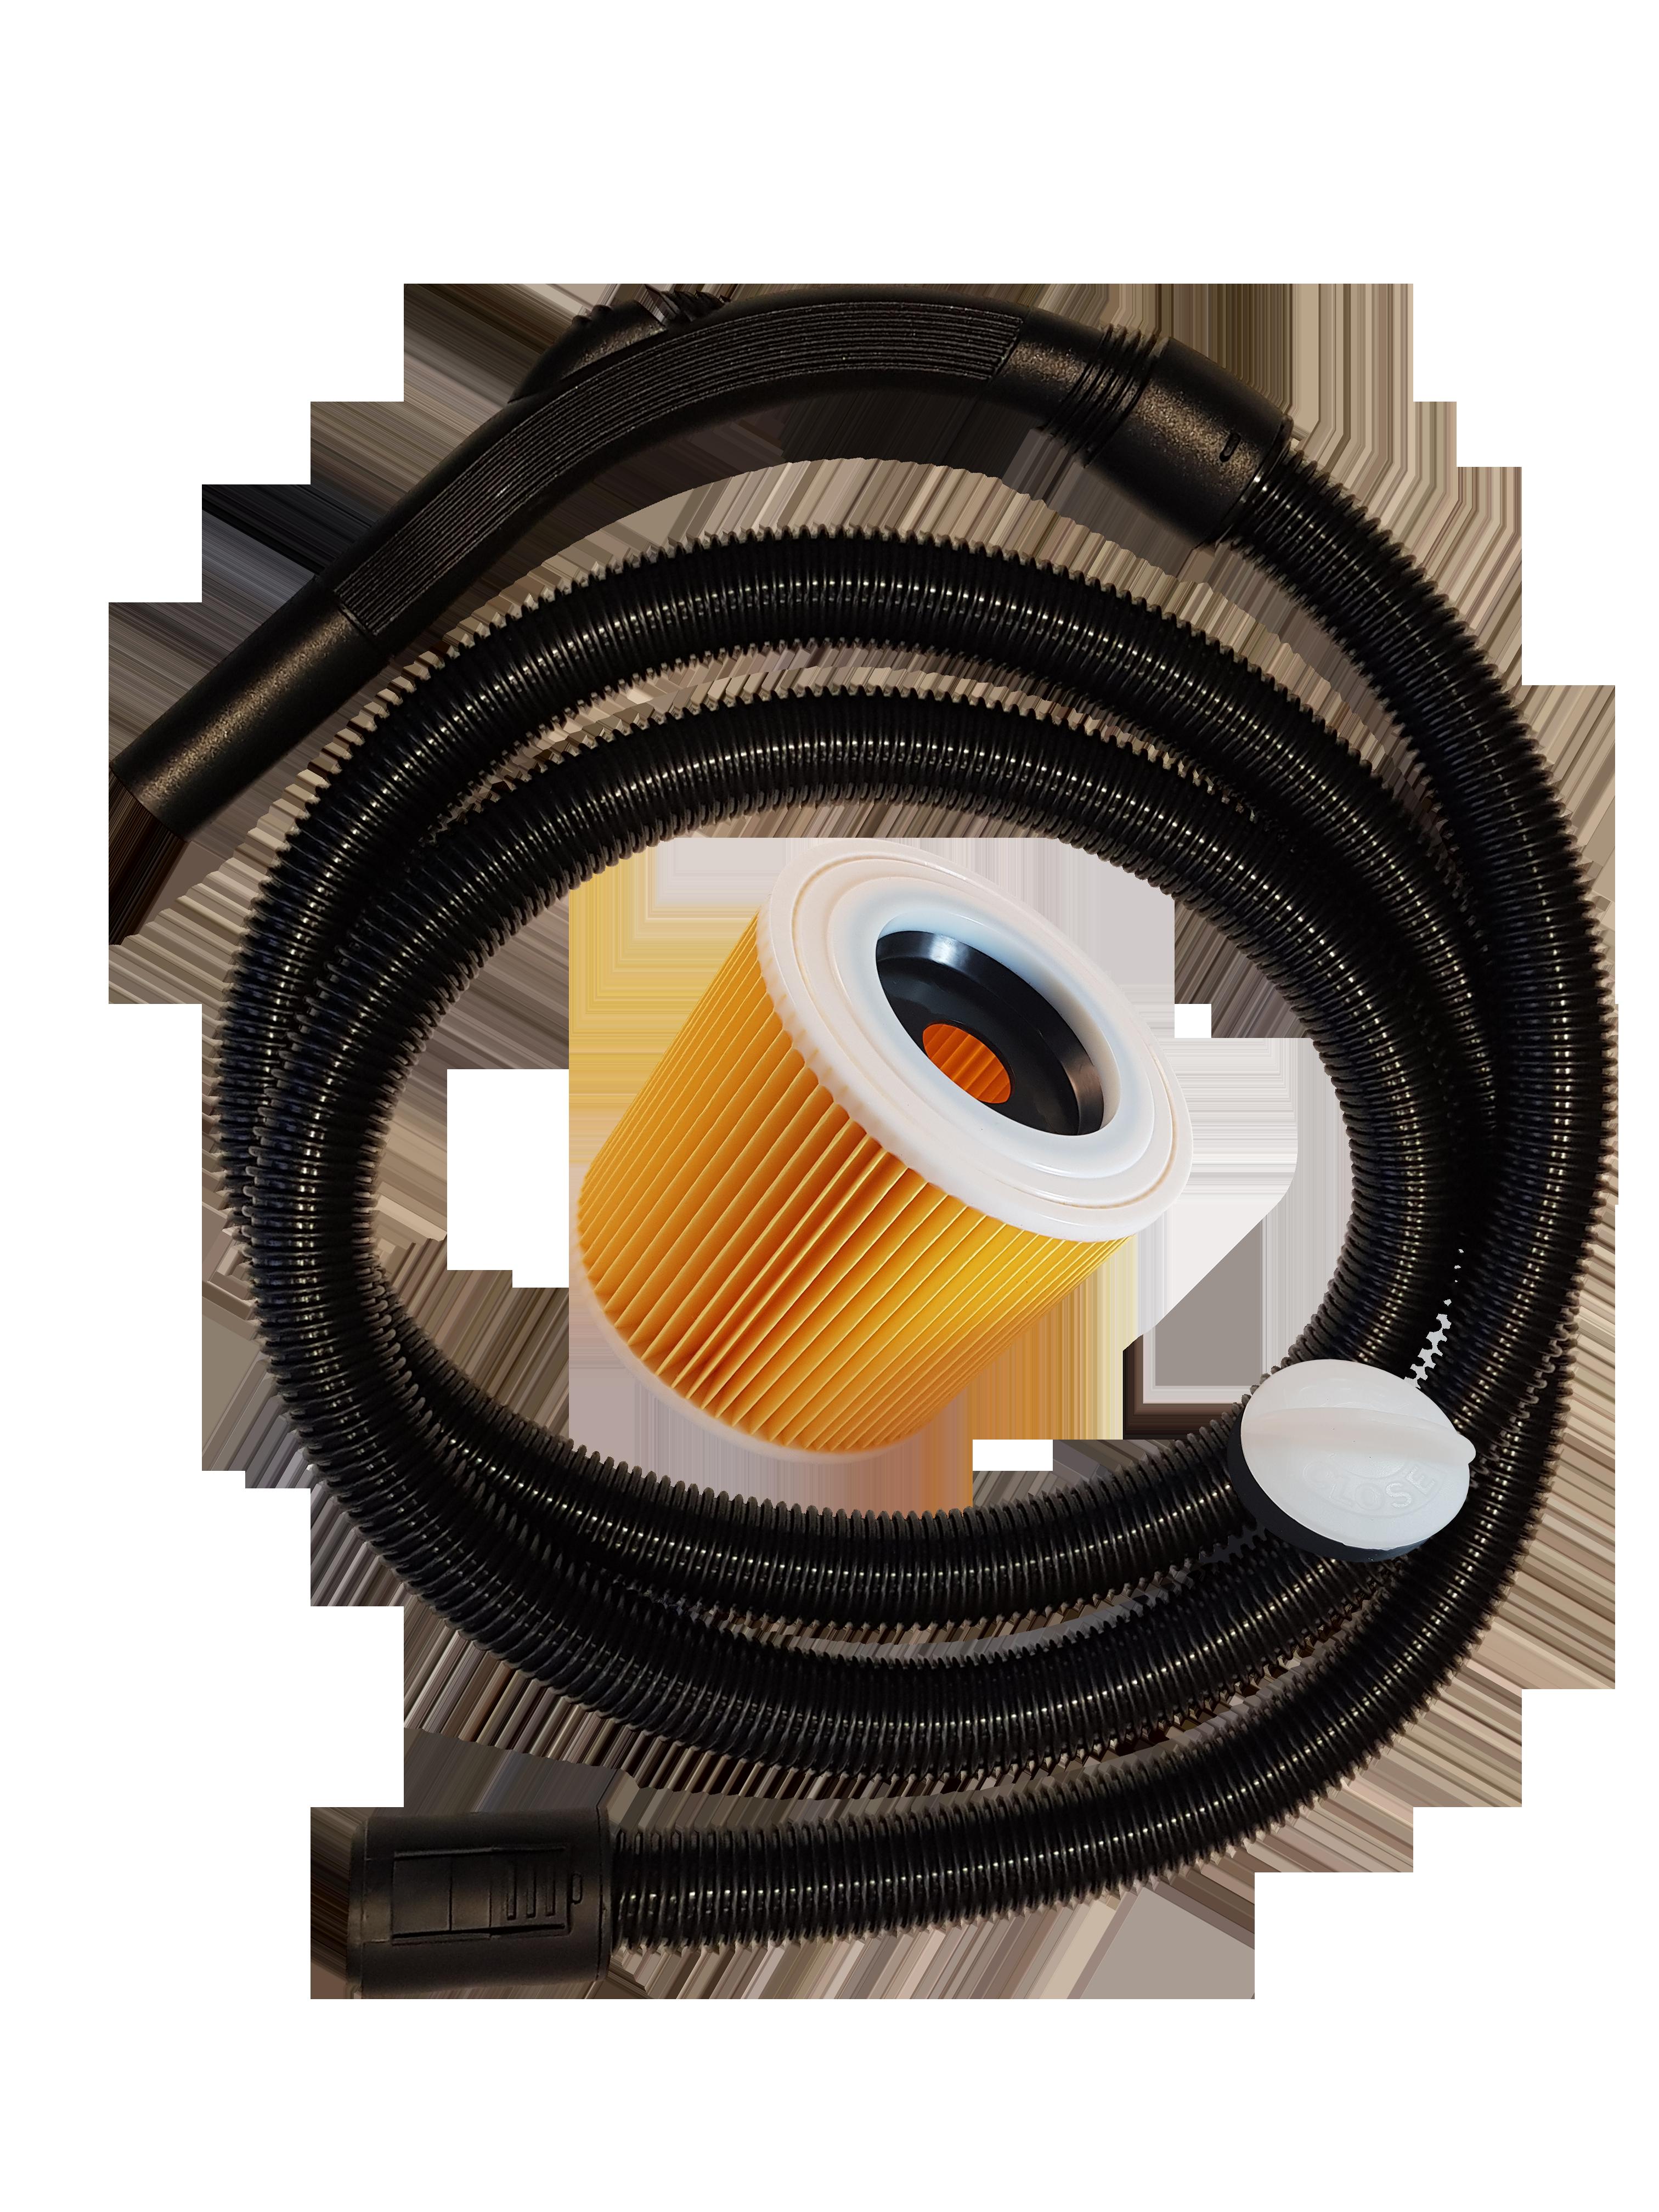 Vlies Staubsaugerbeutel geeignet für  Kärcher WD 7.200 WD7.200 WD 7300 WD7300